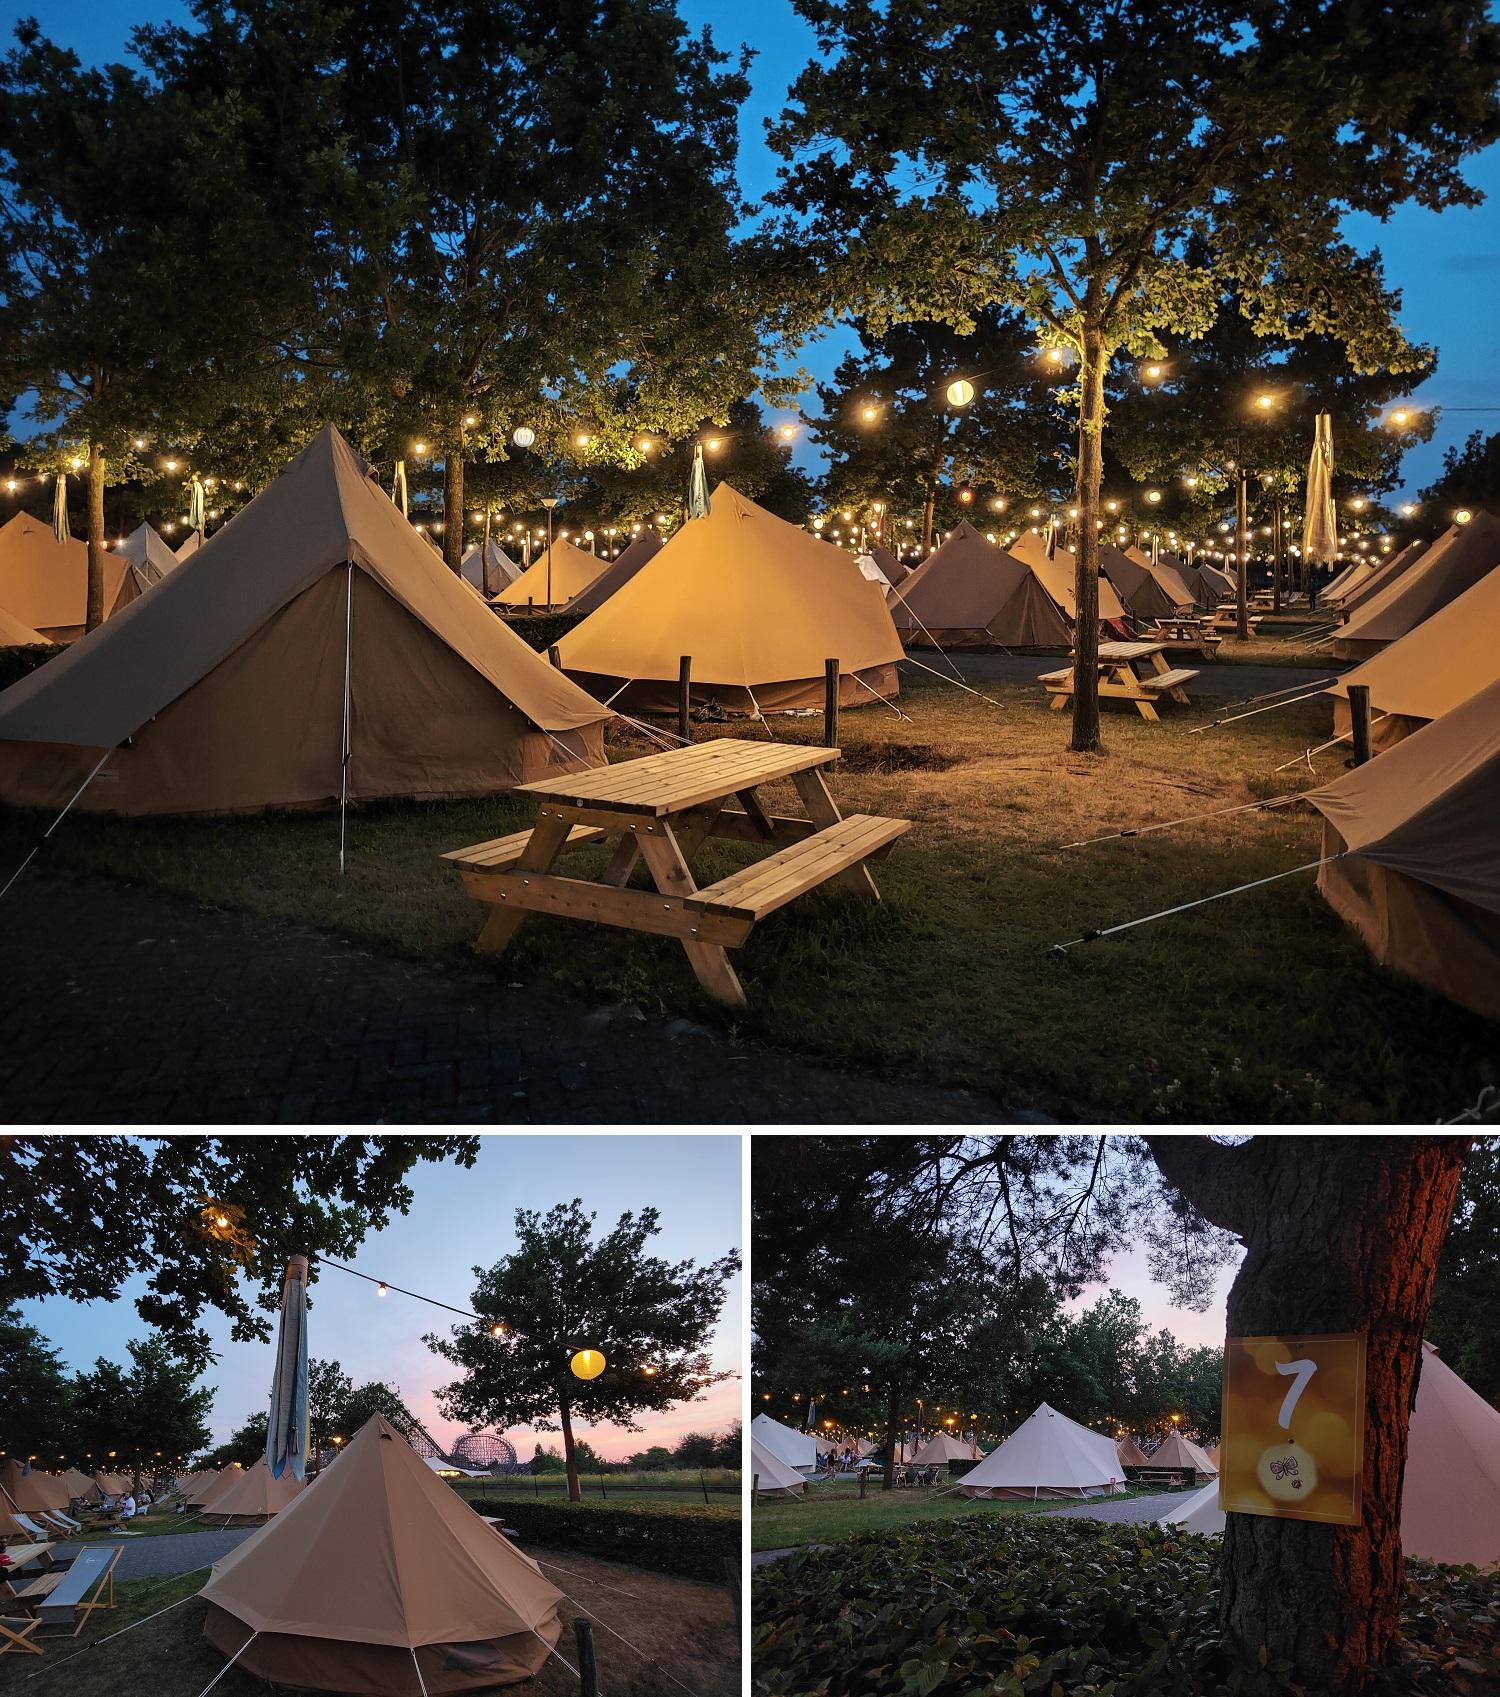 Summercamp camping Toverland